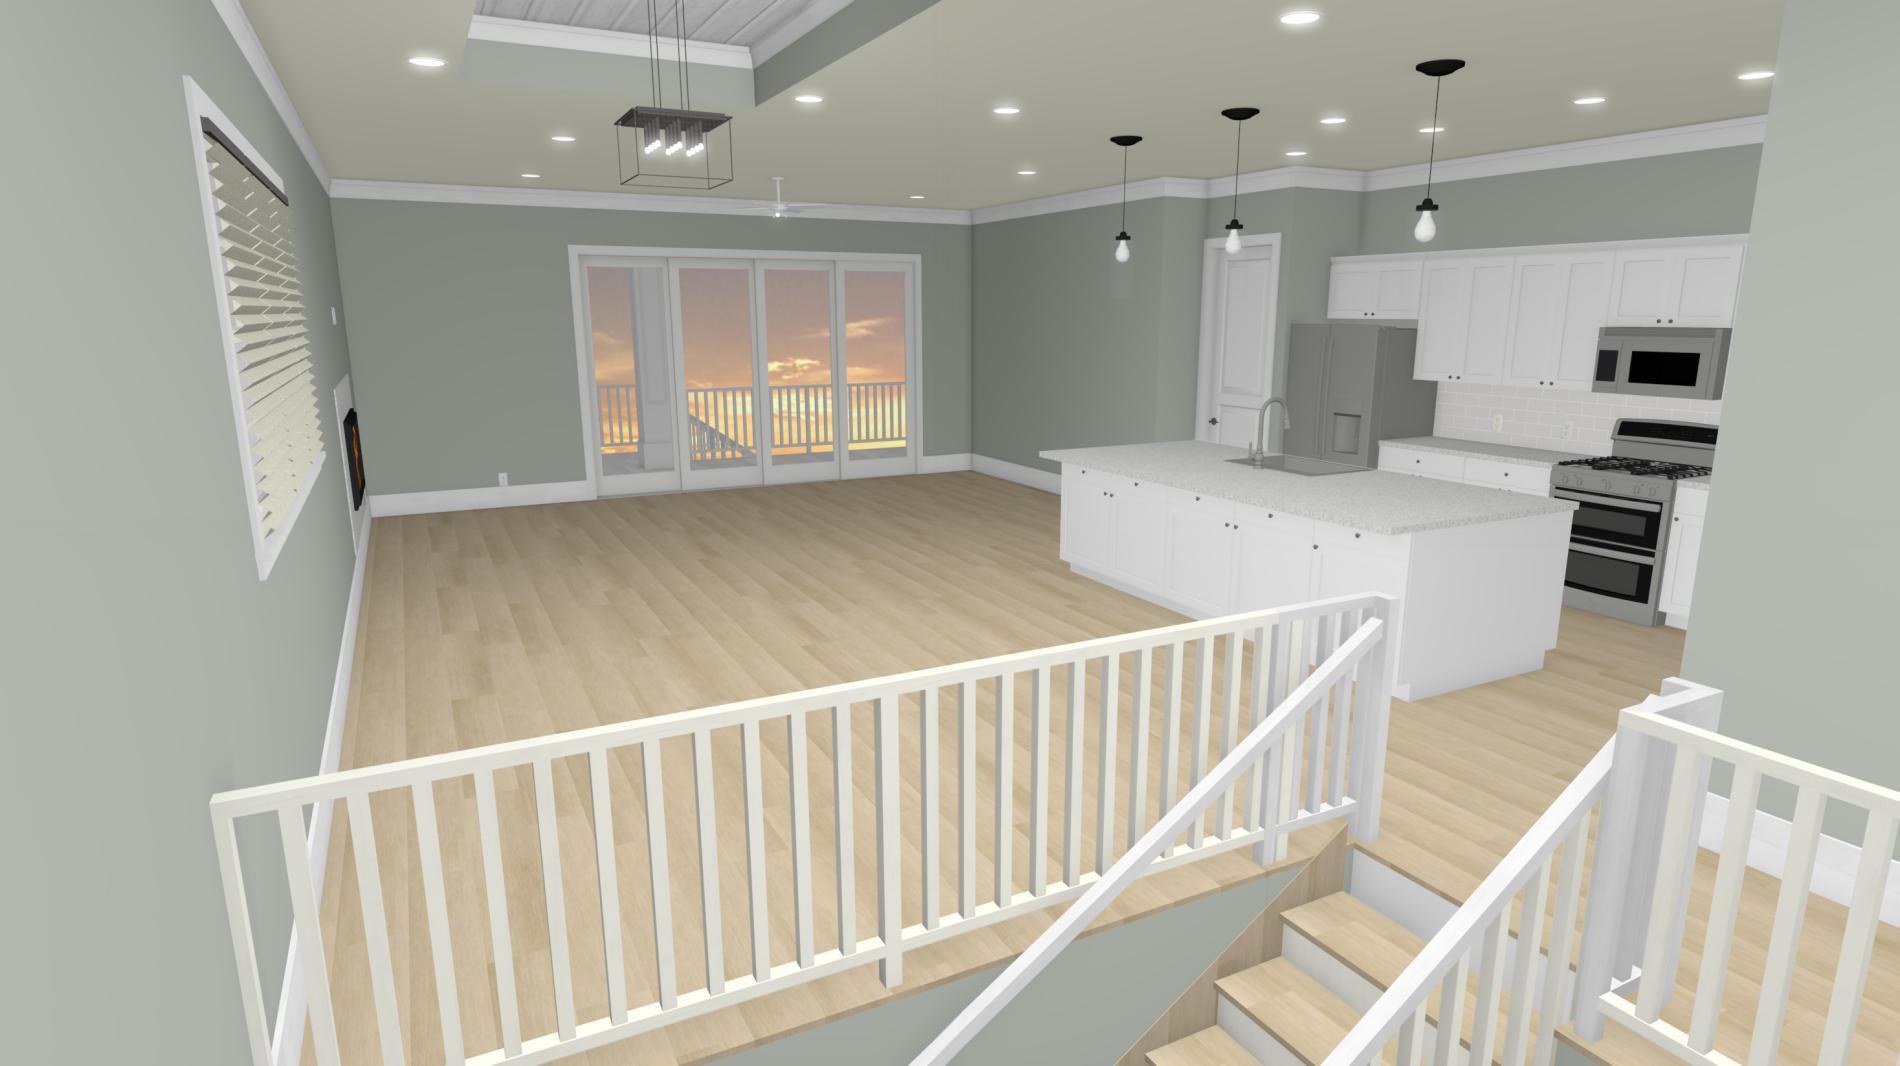 Foyer to Livingroom:Foyer to Livingroom